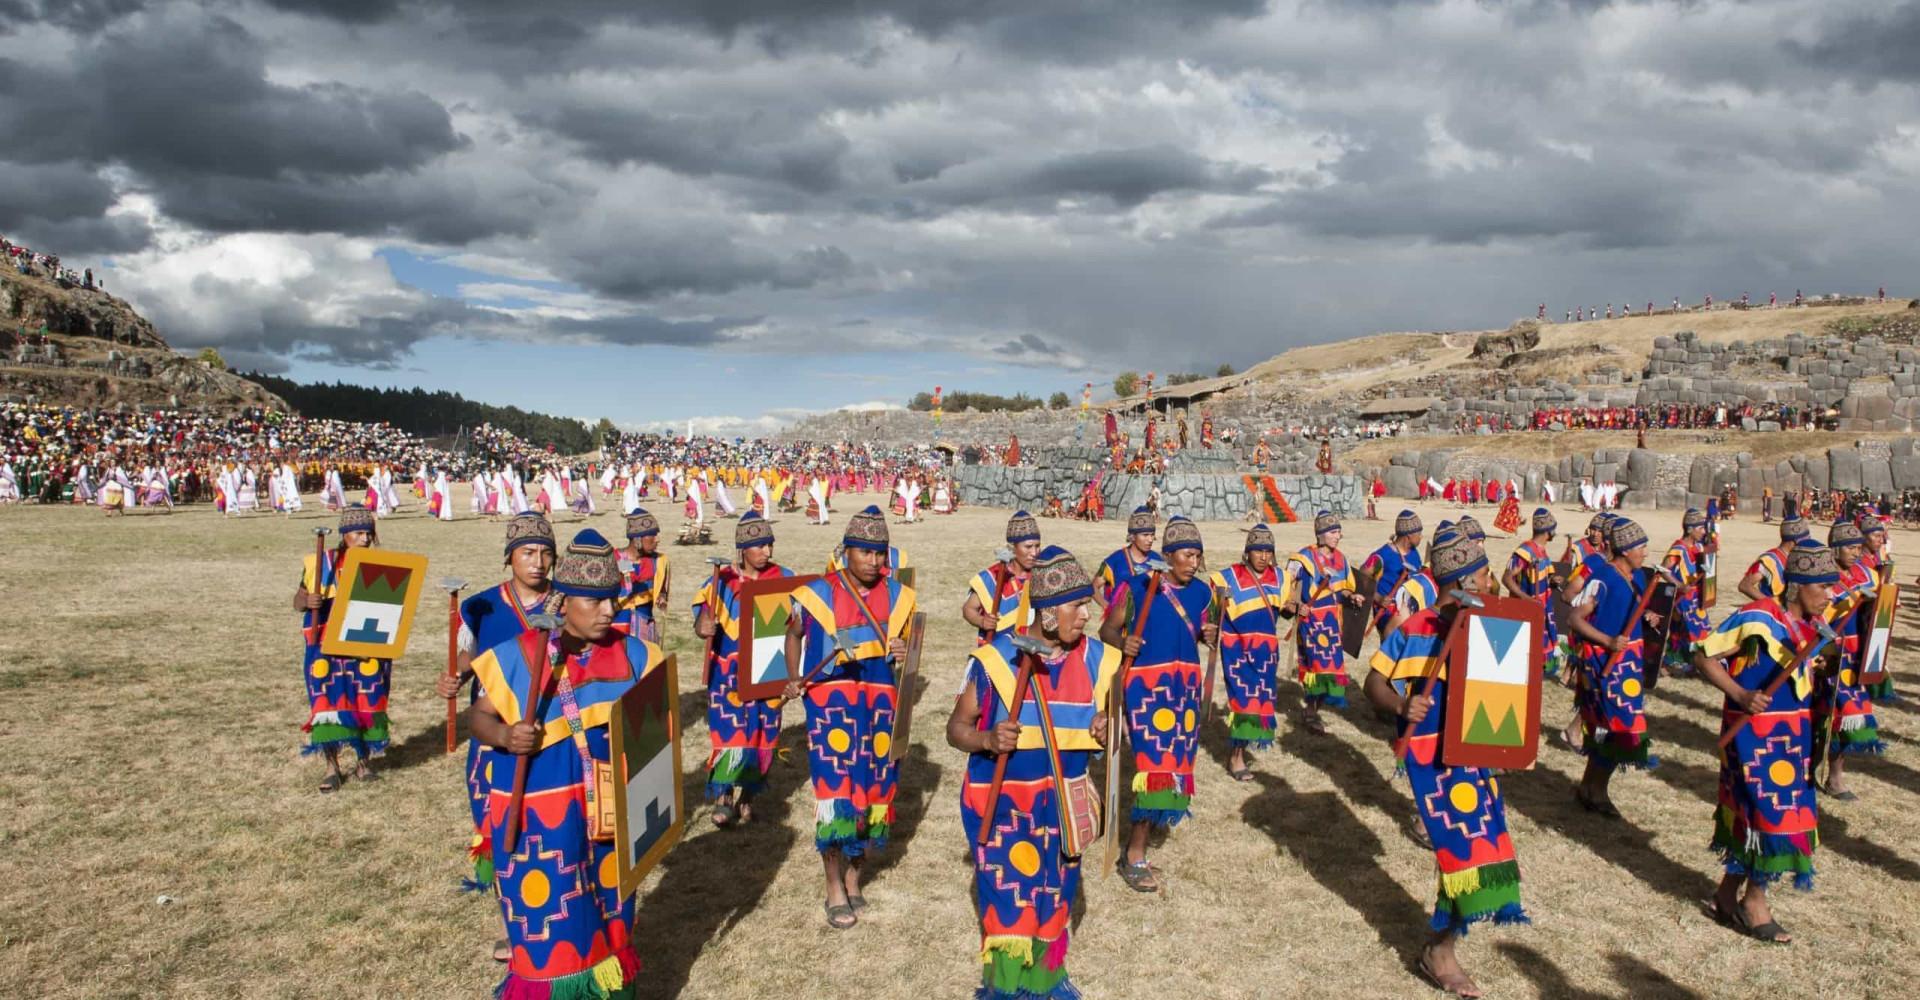 Sommersonnenwende: Die ausgefallensten Bräuche und Traditionen aus aller Welt